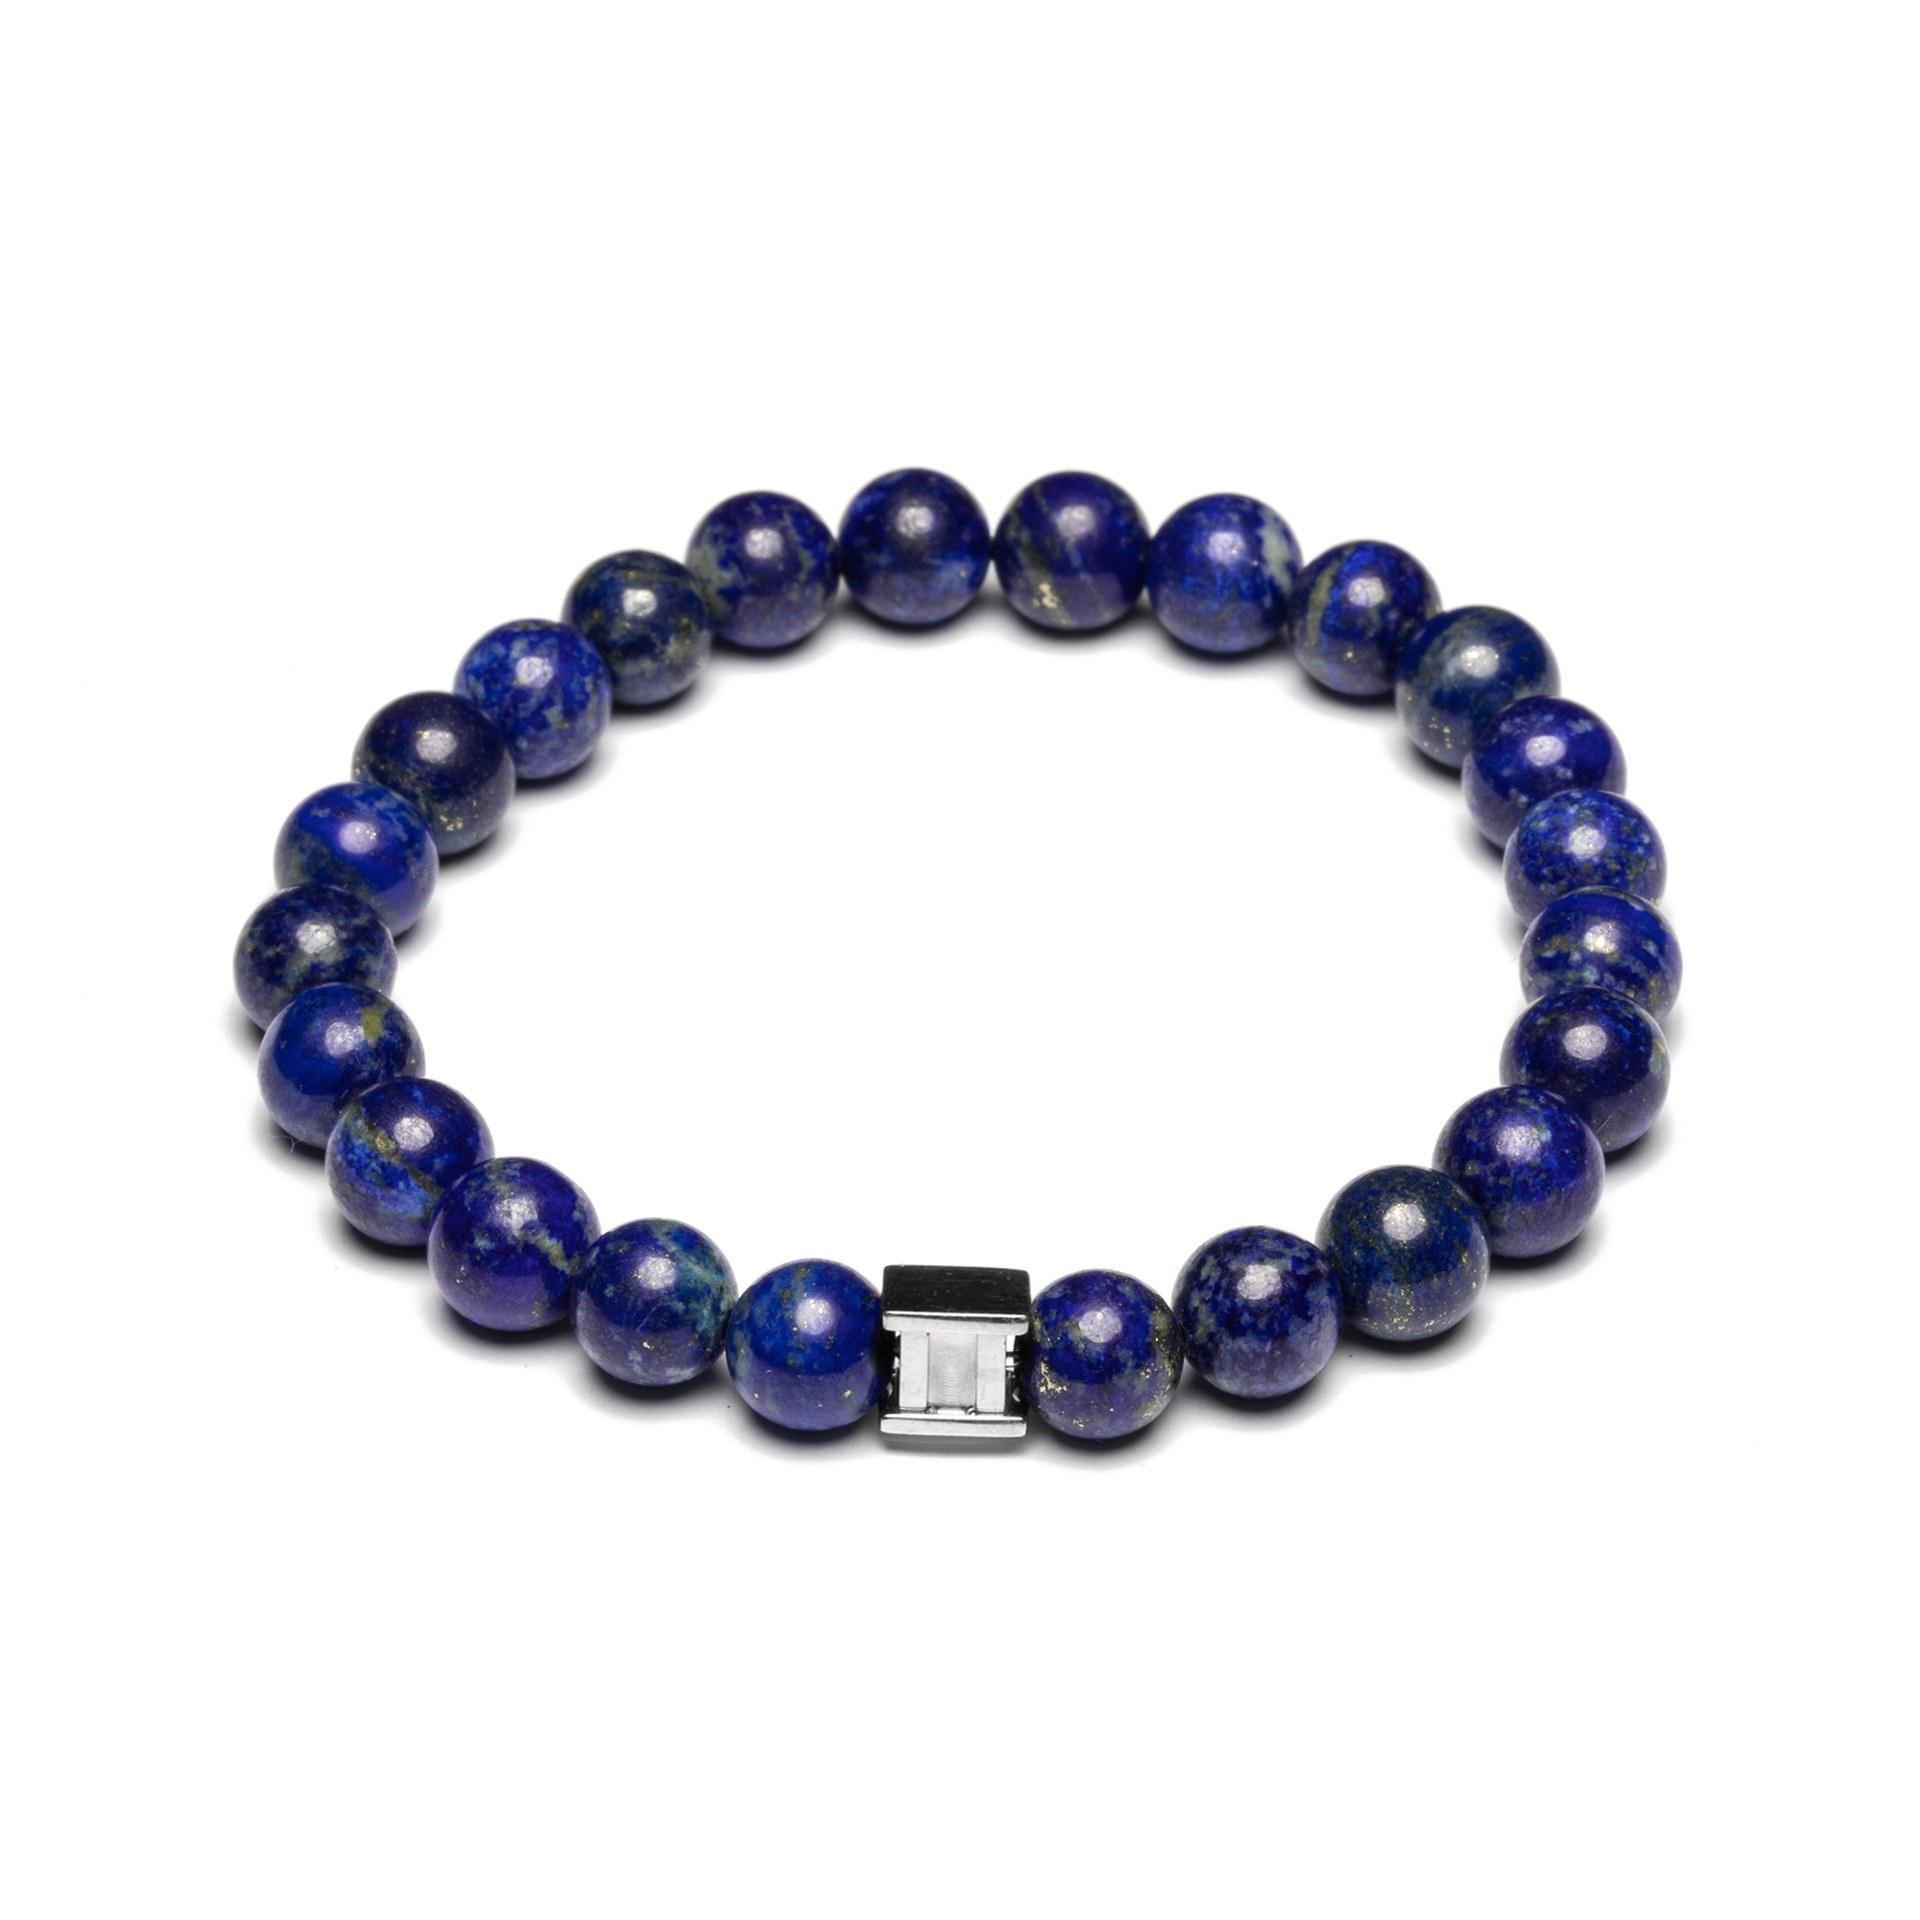 Gemini Gem Lapis Lazuli